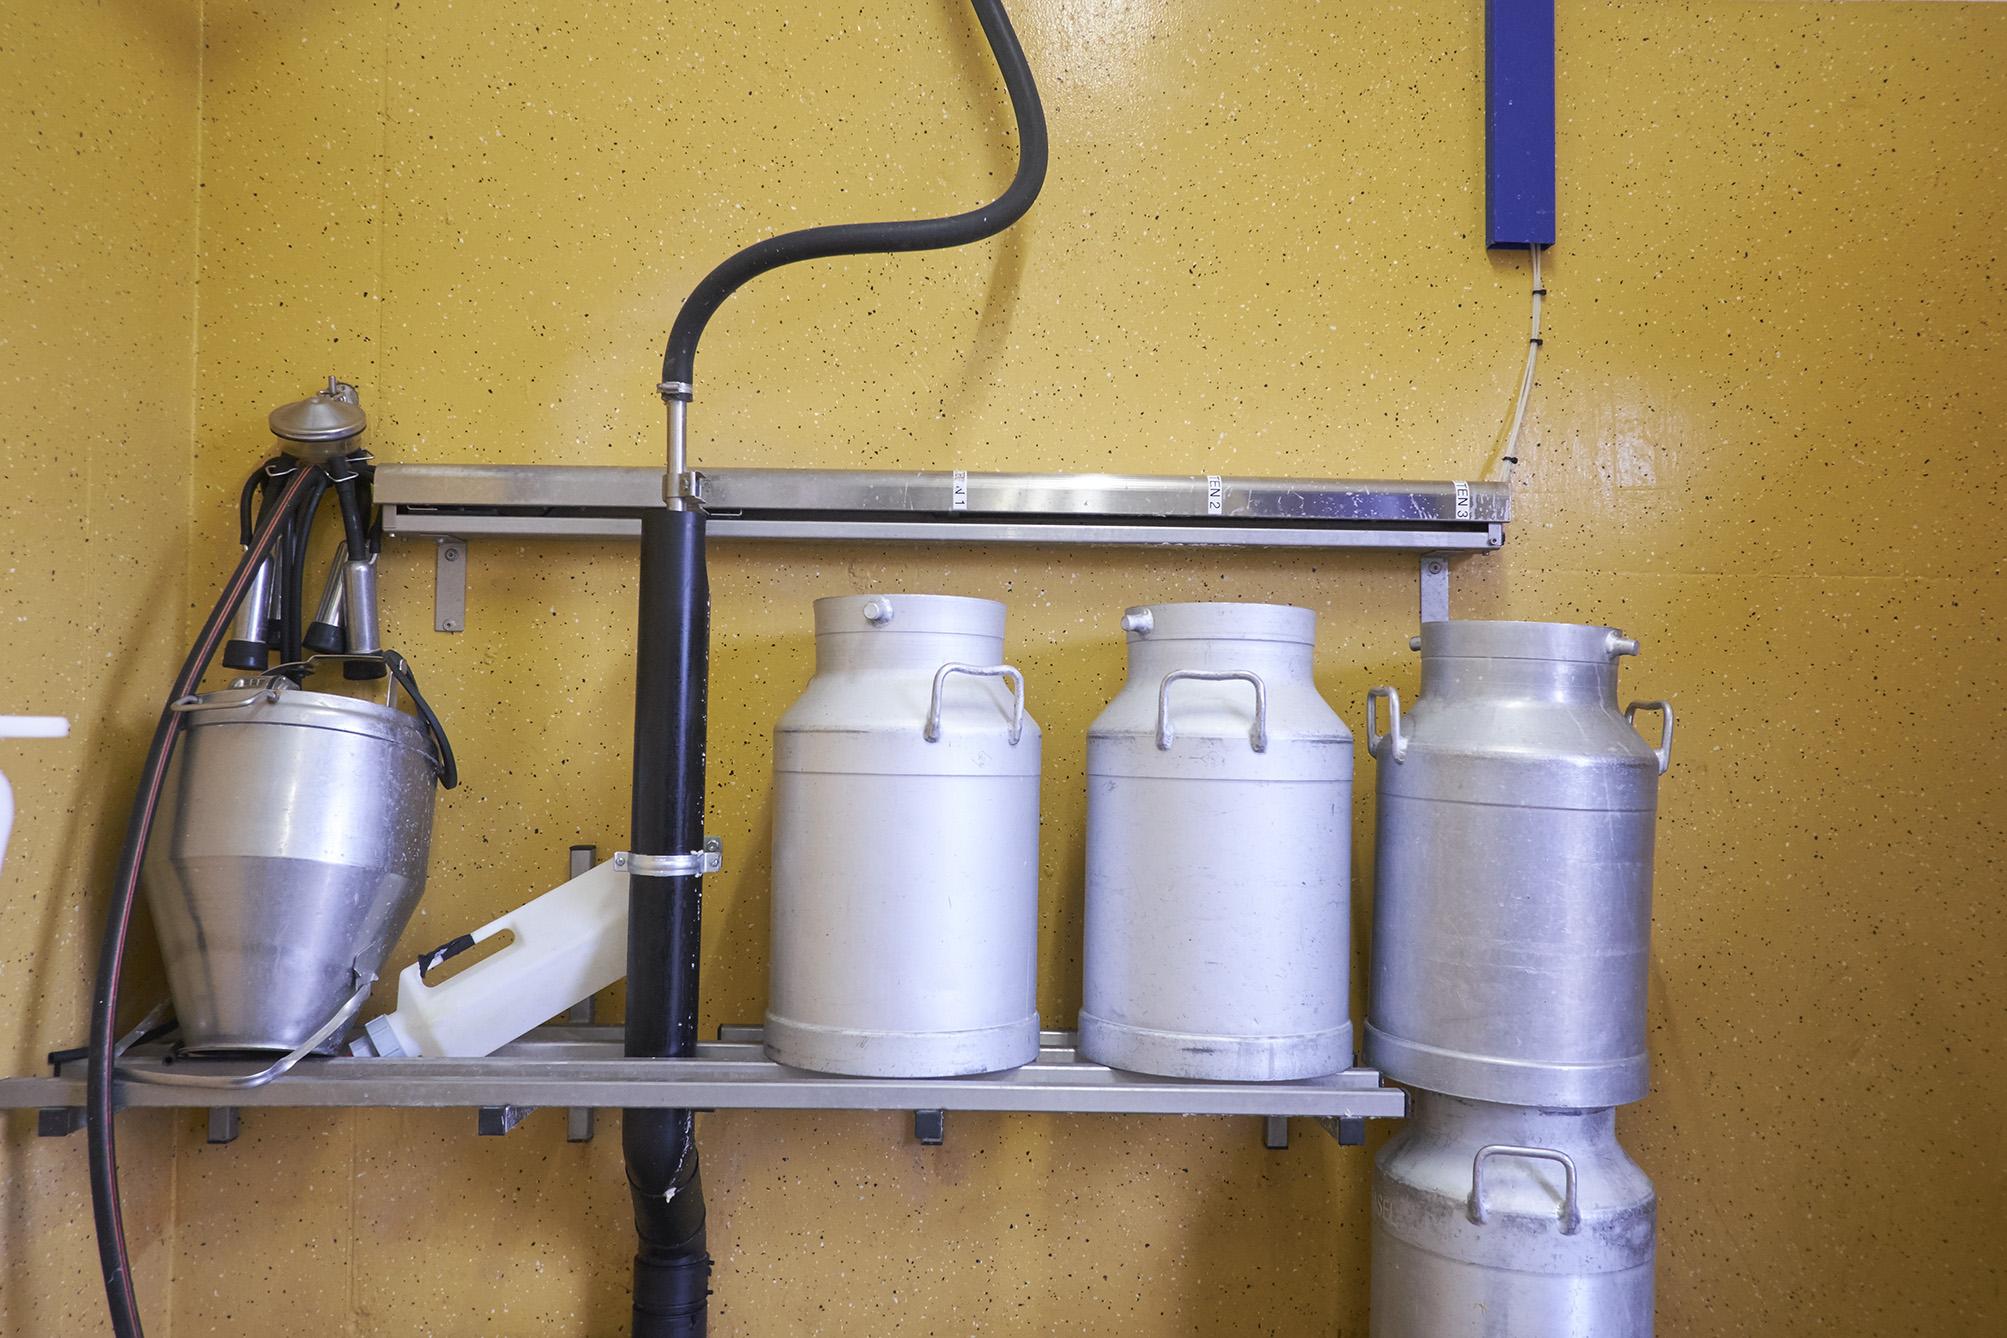 Hat eine Kuh erst kürzlich gekalbt, fliesst ihre Milch direkt vom Roboter in die Kannen für die Kälber und nicht in den grossen Tank.